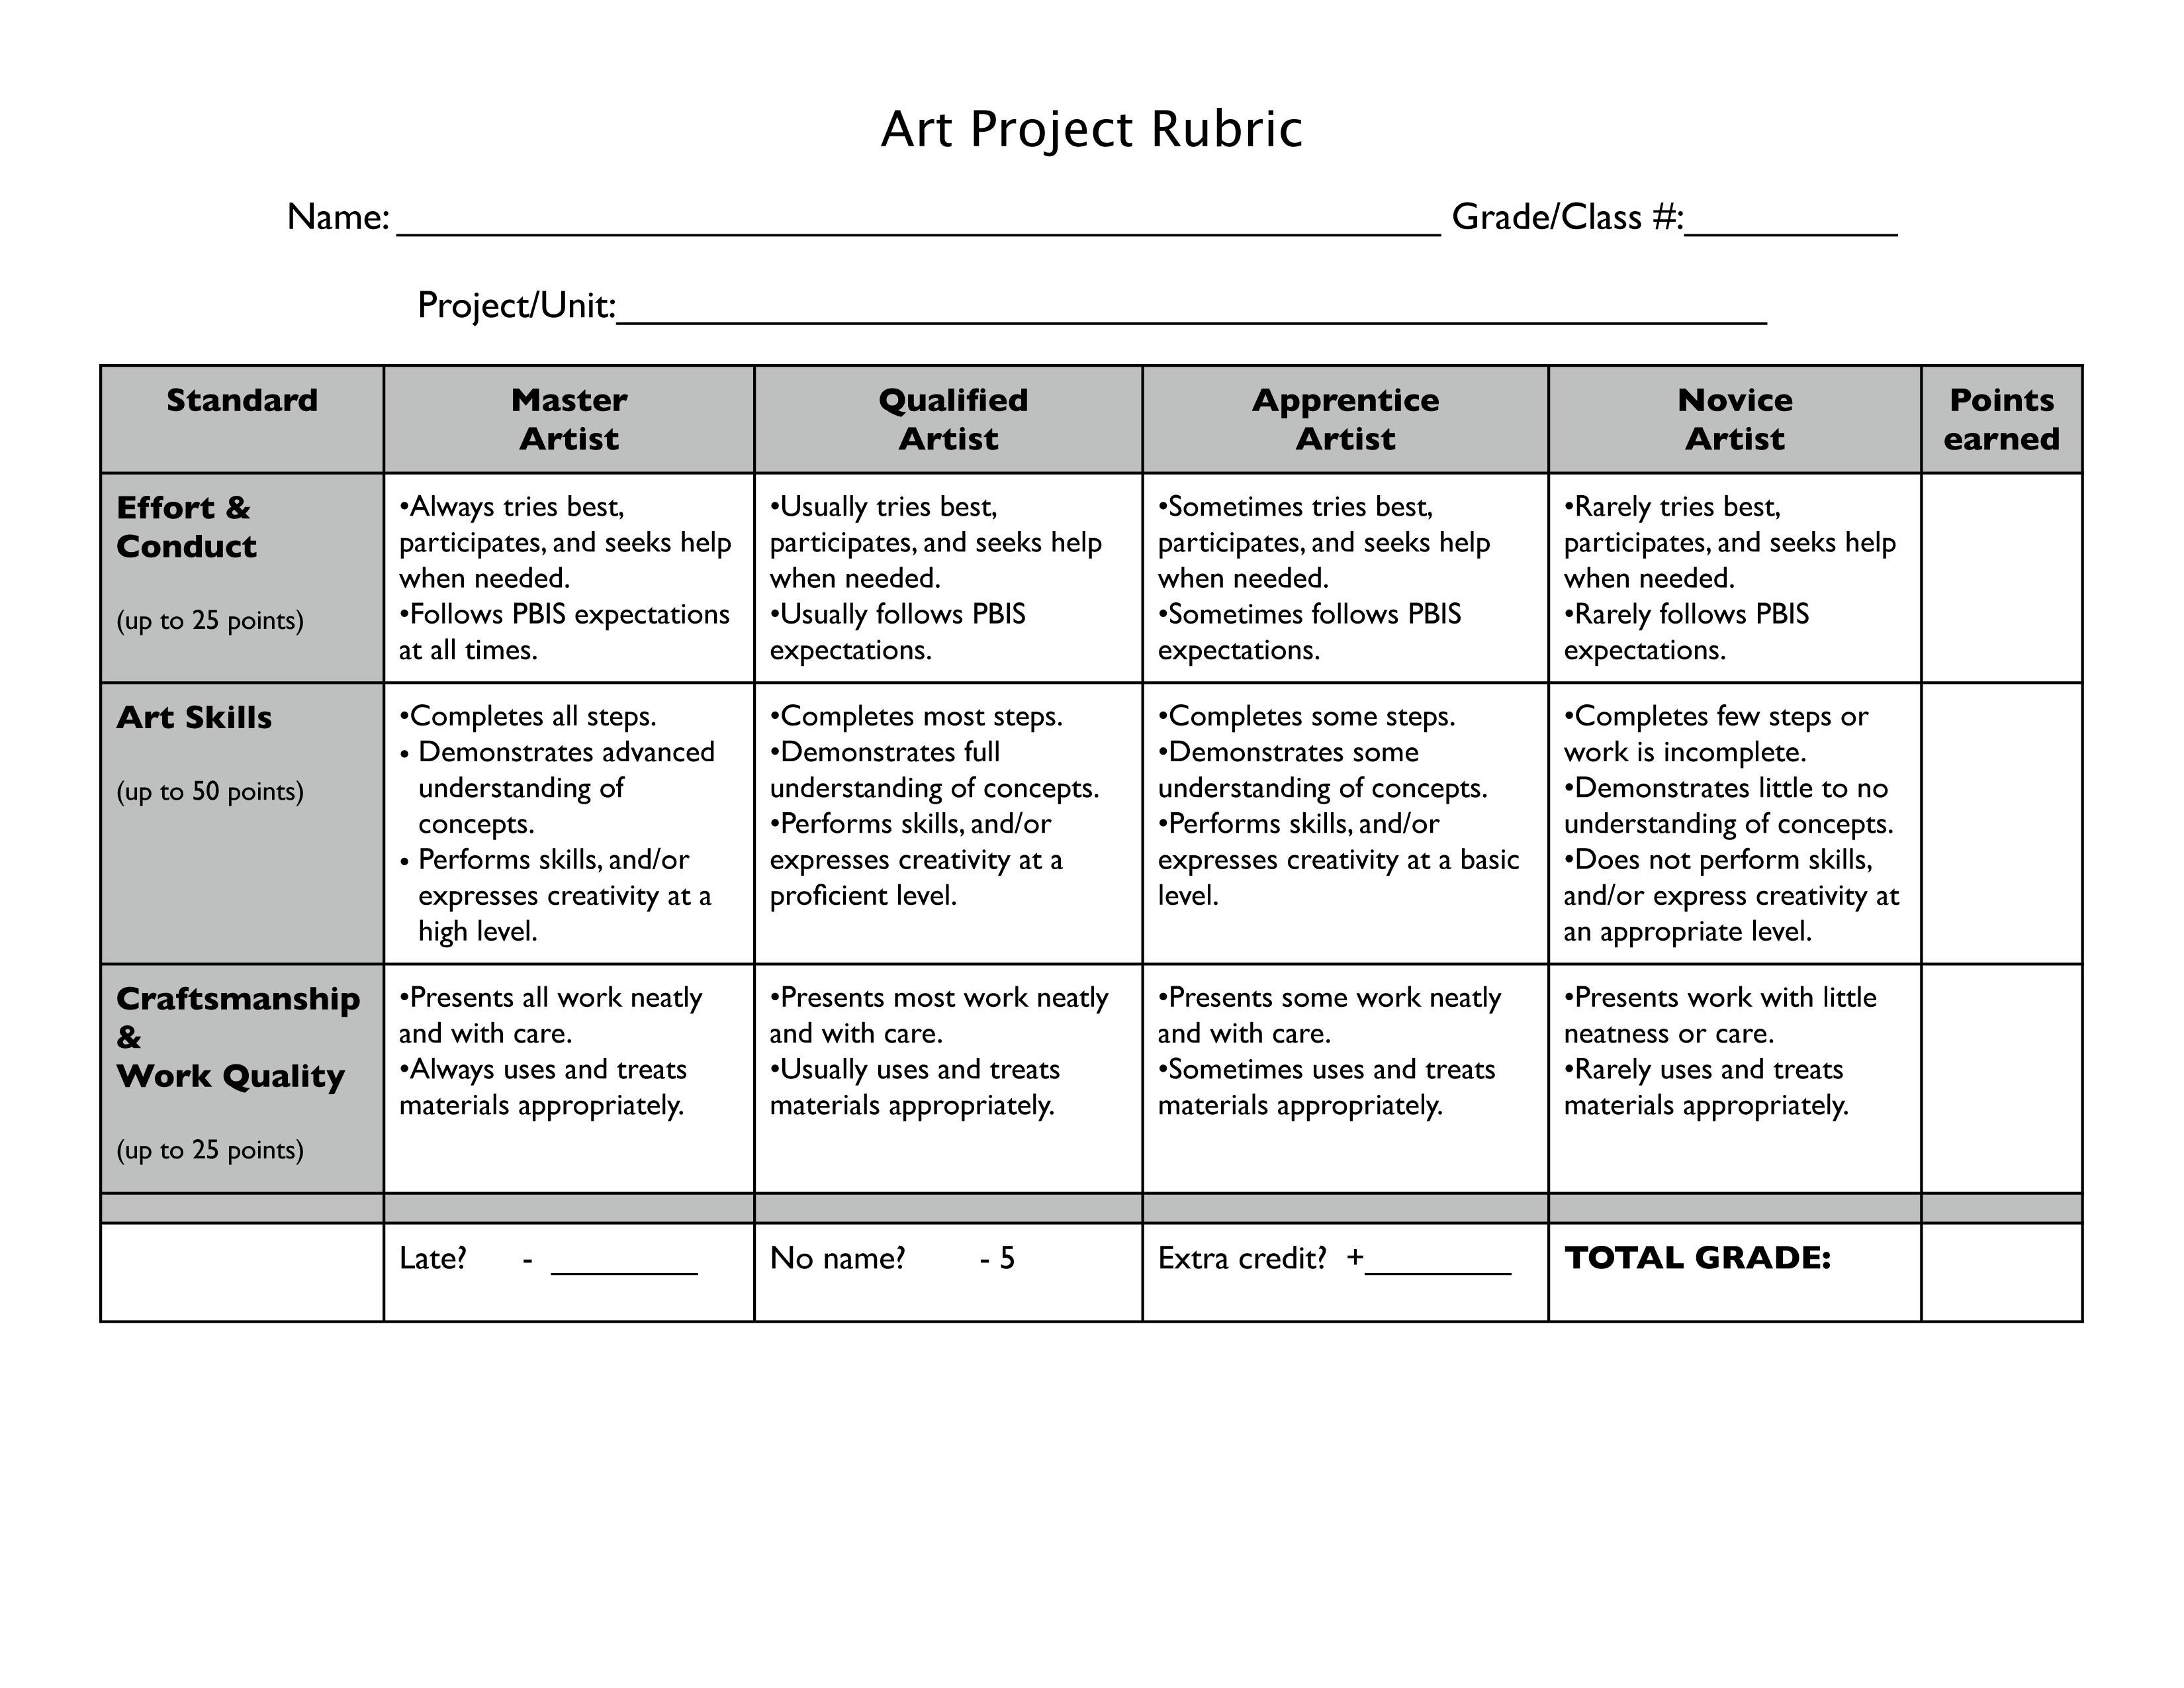 Art Project Rubrics Samples